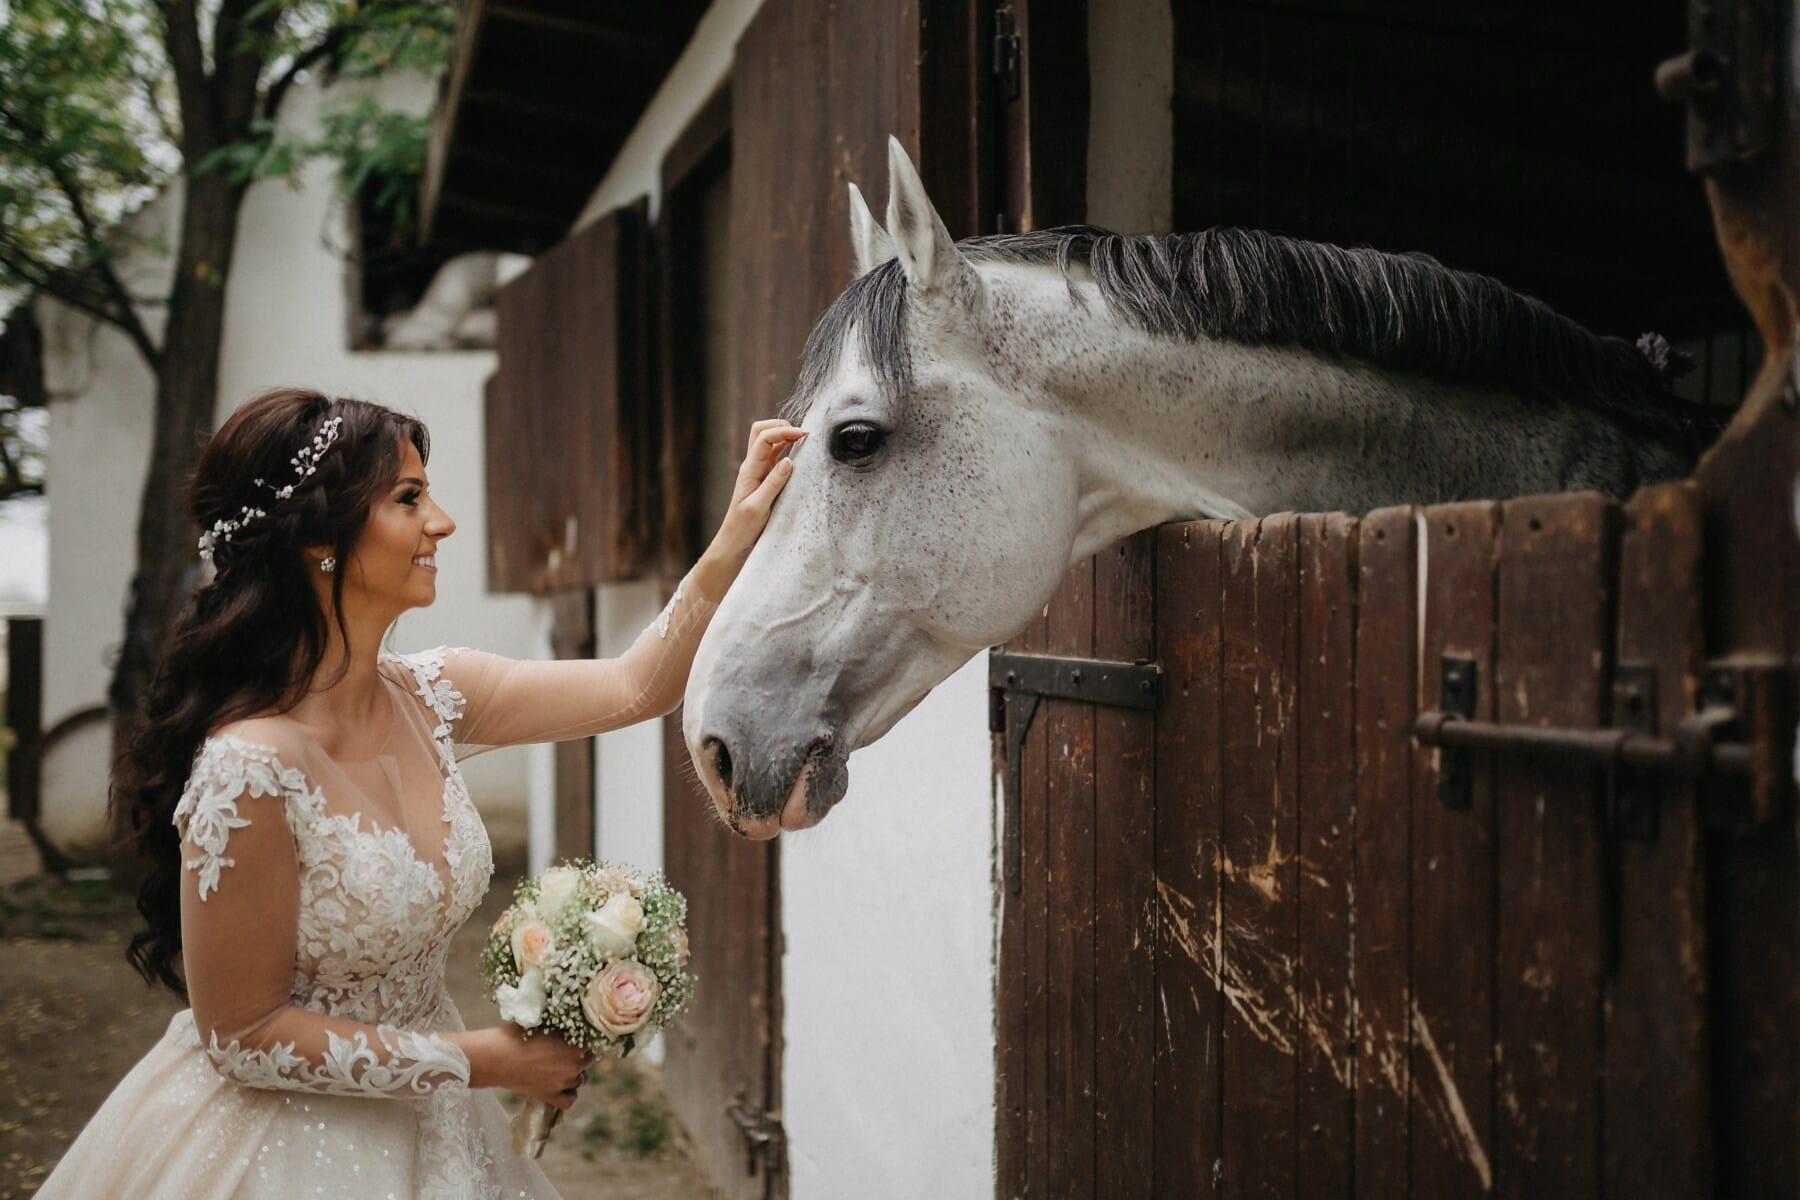 animal de compagnie, la mariée, cheval, amitié, agriculteur, les terres agricoles, Grange, Ranch, campagne, ferme